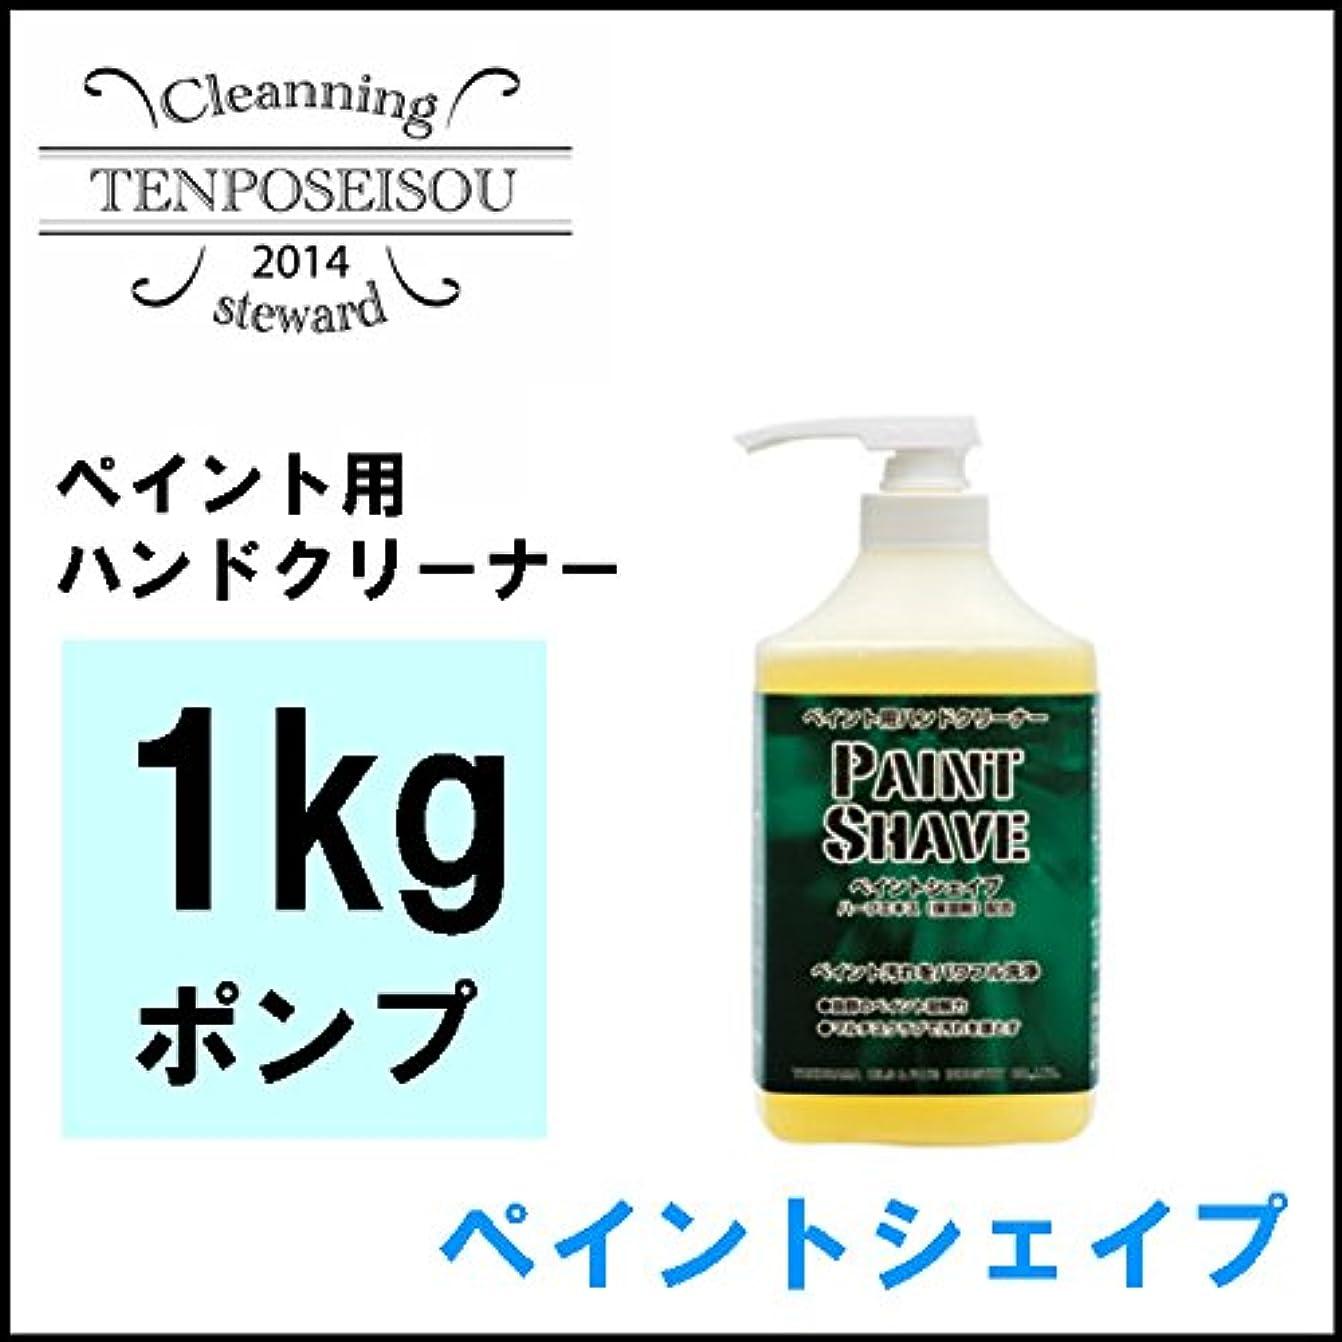 ビーチサミュエル苦行横浜油脂工業 ワンタッチクリーナープラス ポリボトル 2kg 4本セット